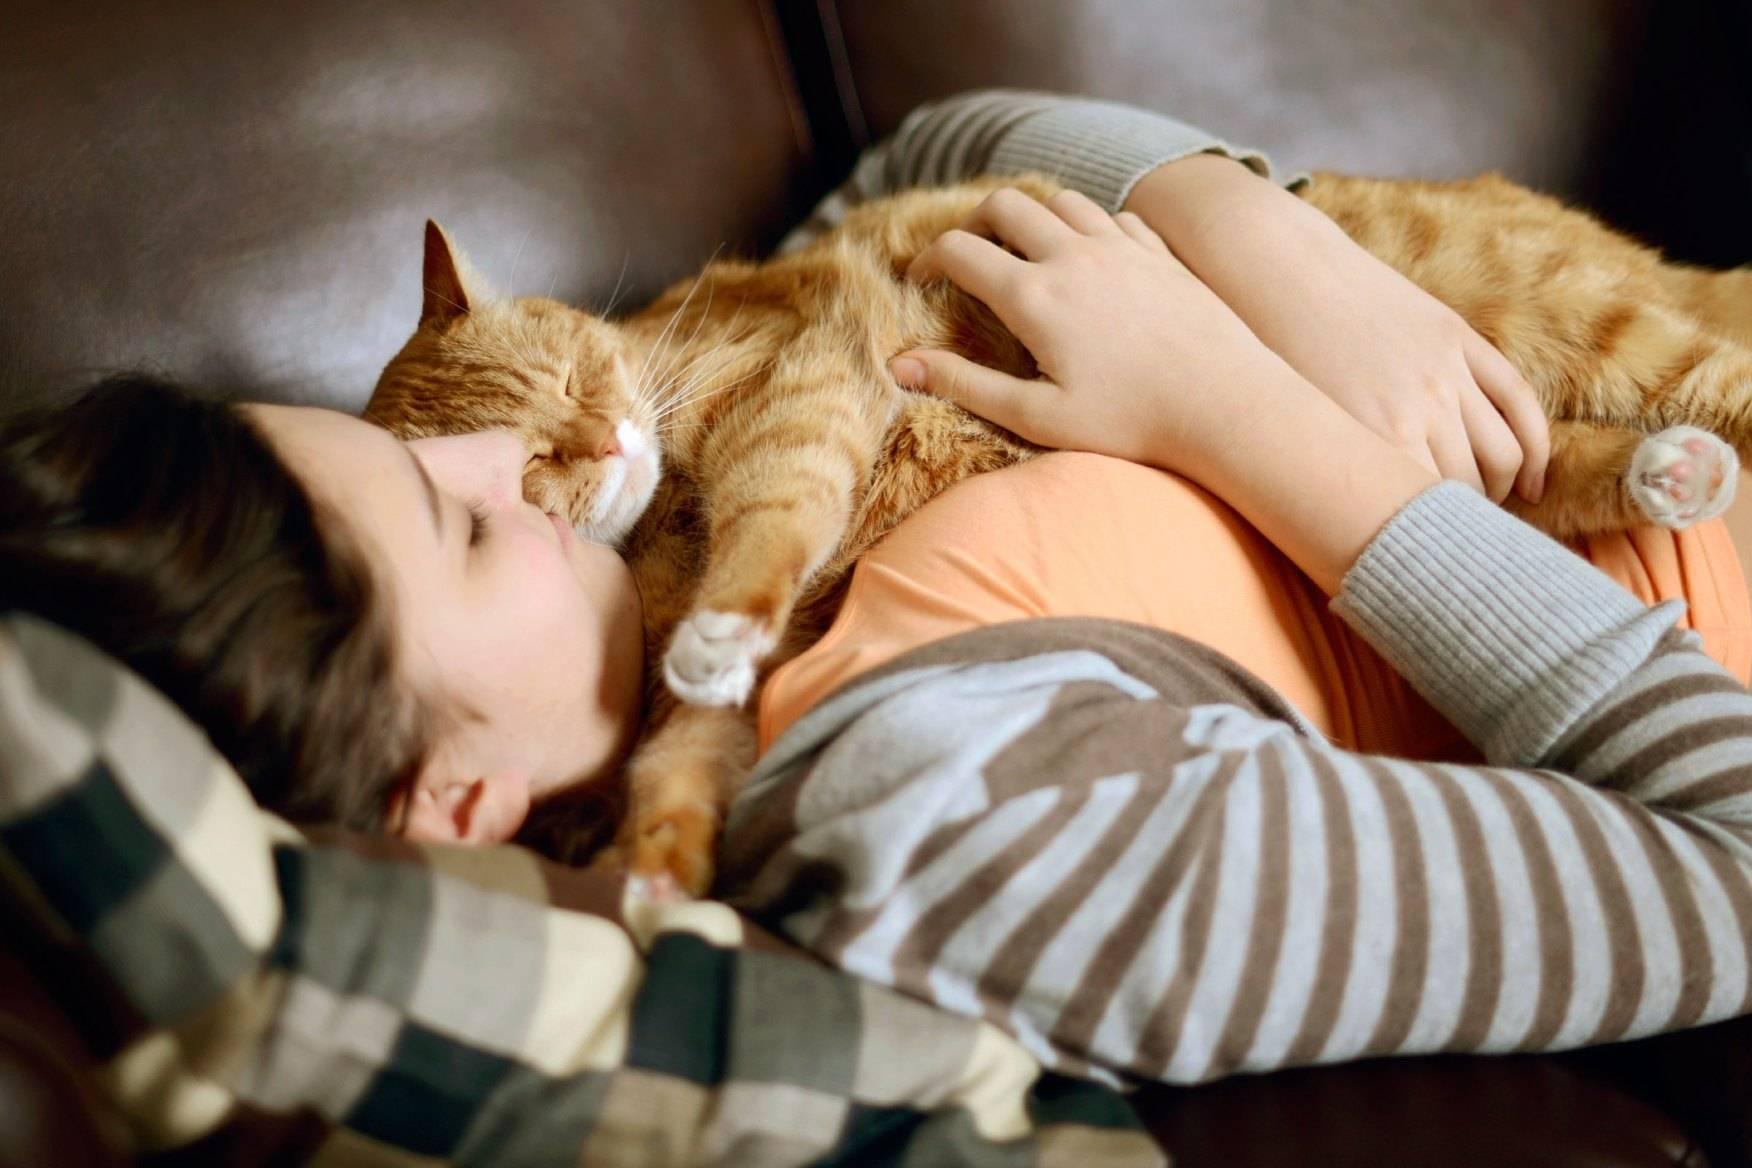 Сколько часов в сутки спят кошки: продолжительность сна котенка и взрослого кота